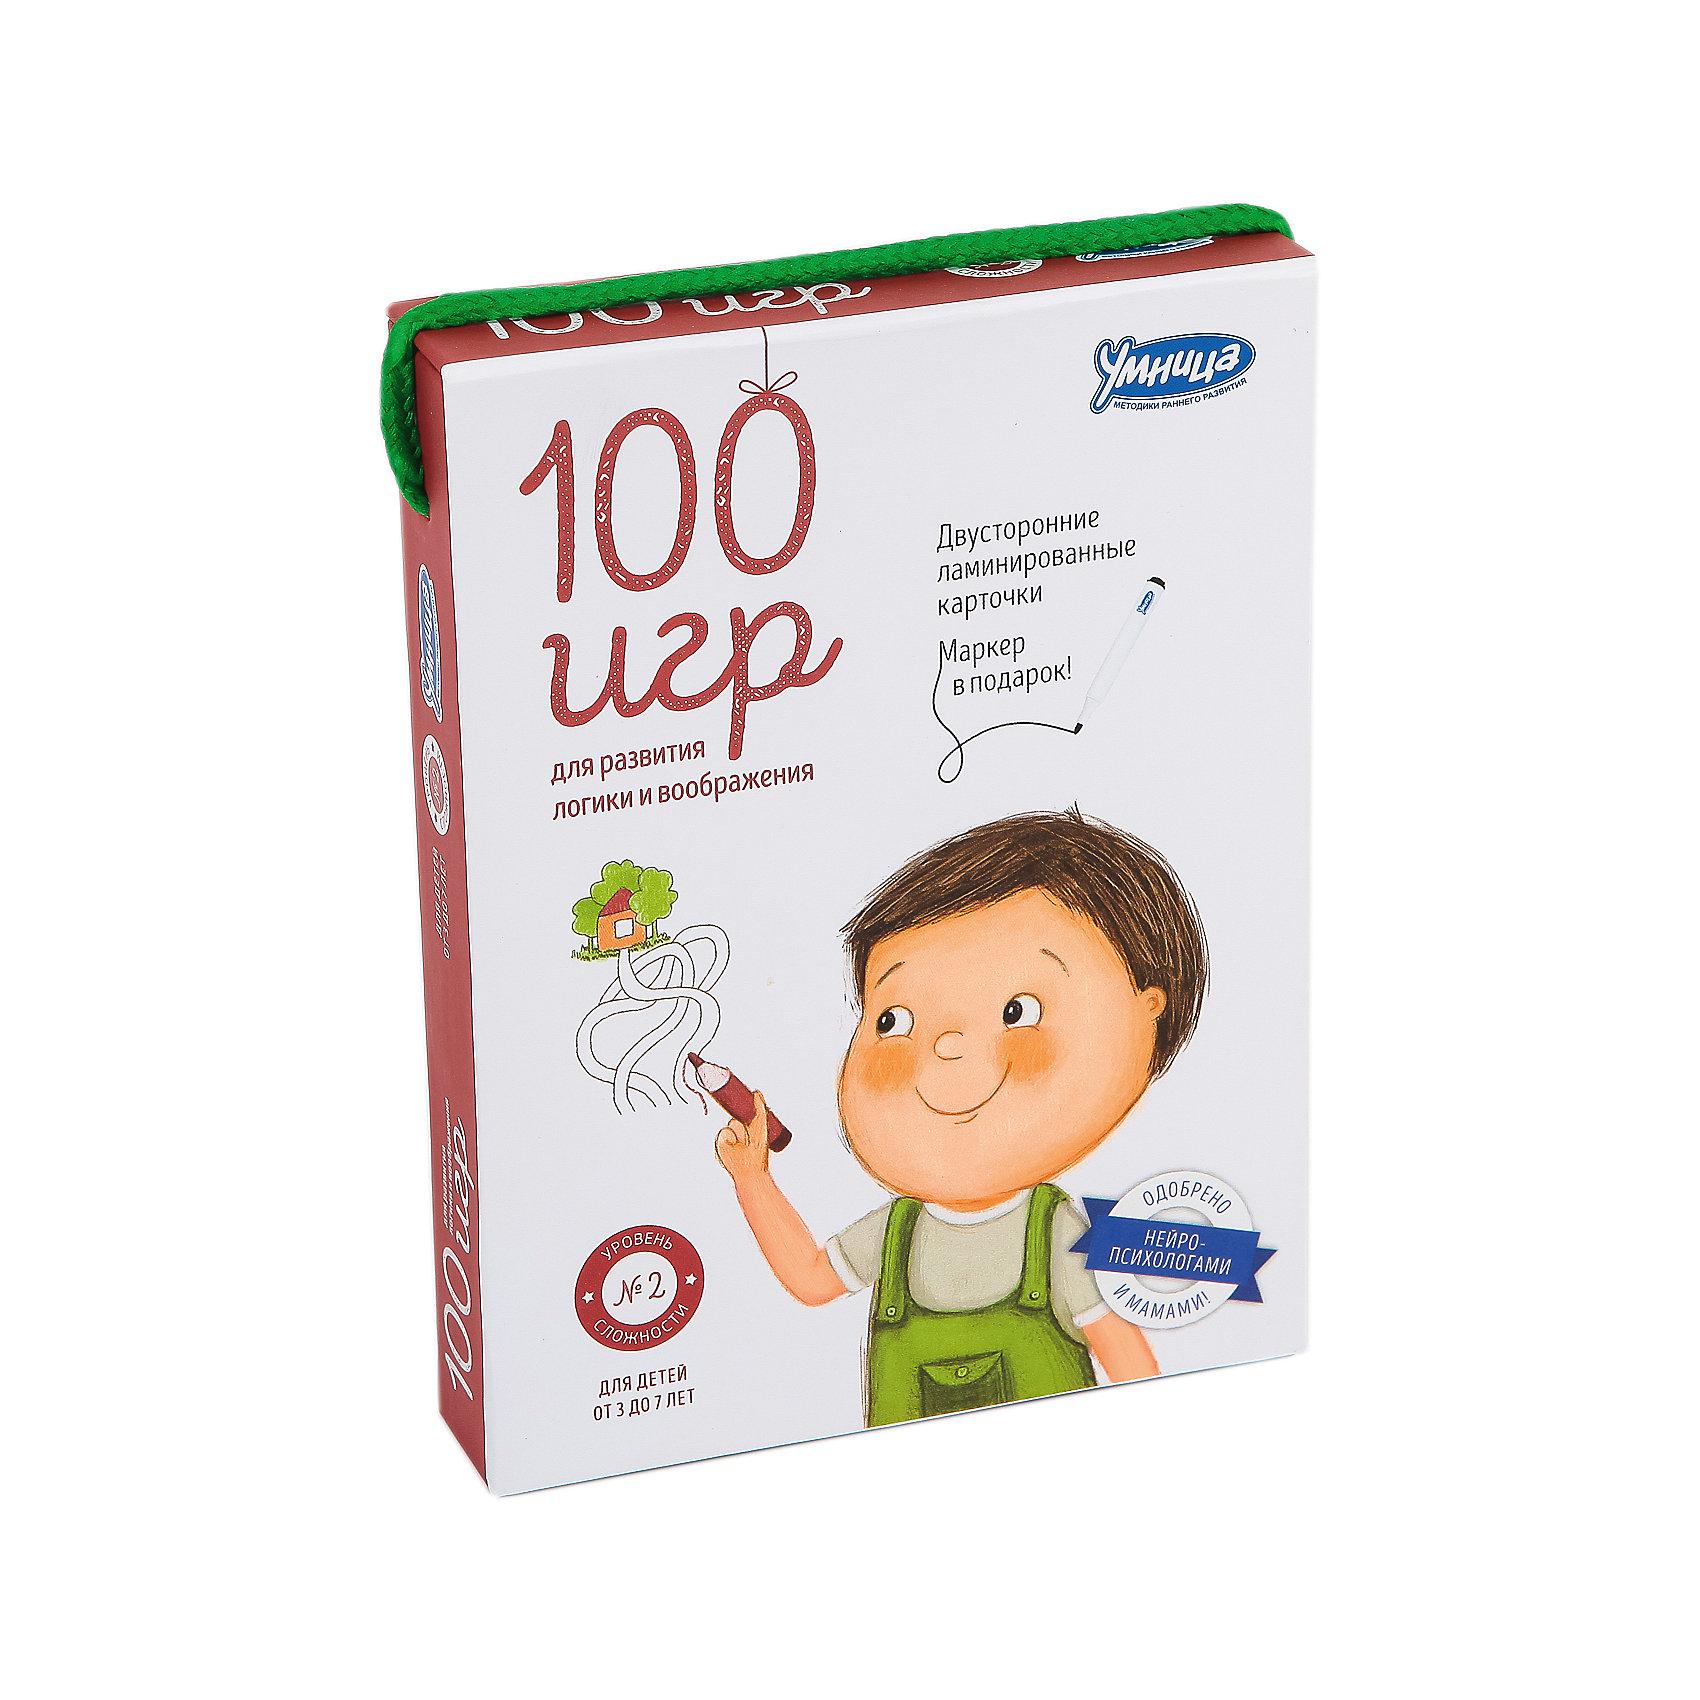 Карточки 100 игр, Уровень 2Методики раннего развития<br>Характеристики:<br><br>• Вид игр: обучающие, развивающие<br>• Серия: Развивающие карточки<br>• Материал: картон, пластик<br>• Комплектация: 50 двухсторонних карточек, маркер, методические рекомендации родителям<br>• Размеры карточек (В*Ш): 15*11 см<br>• Тип упаковки: картонная коробка<br>• Размеры упаковки (Д*Ш*В): 11,5*15,5*30 см<br>• Вес в упаковке: 340 г<br><br>Карточки 100 игр, Уровень 2 состоят из 50 двухсторонних карточек с разнообразными заданиями, направленными на развитие внимания, логического мышления, зрительной памяти. Среди заданий: дорисуй картинку, выбери путь, найди отличия, найди указанные предметы и т.д. Для выполнения заданий в комплекте предусмотрен маркер, который легко стирается с поверхности.<br><br>Карточки 100 игр, Уровень 2 можно купить в нашем интернет-магазине.<br><br>Ширина мм: 115<br>Глубина мм: 155<br>Высота мм: 300<br>Вес г: 340<br>Возраст от месяцев: 36<br>Возраст до месяцев: 2147483647<br>Пол: Унисекс<br>Возраст: Детский<br>SKU: 5523167